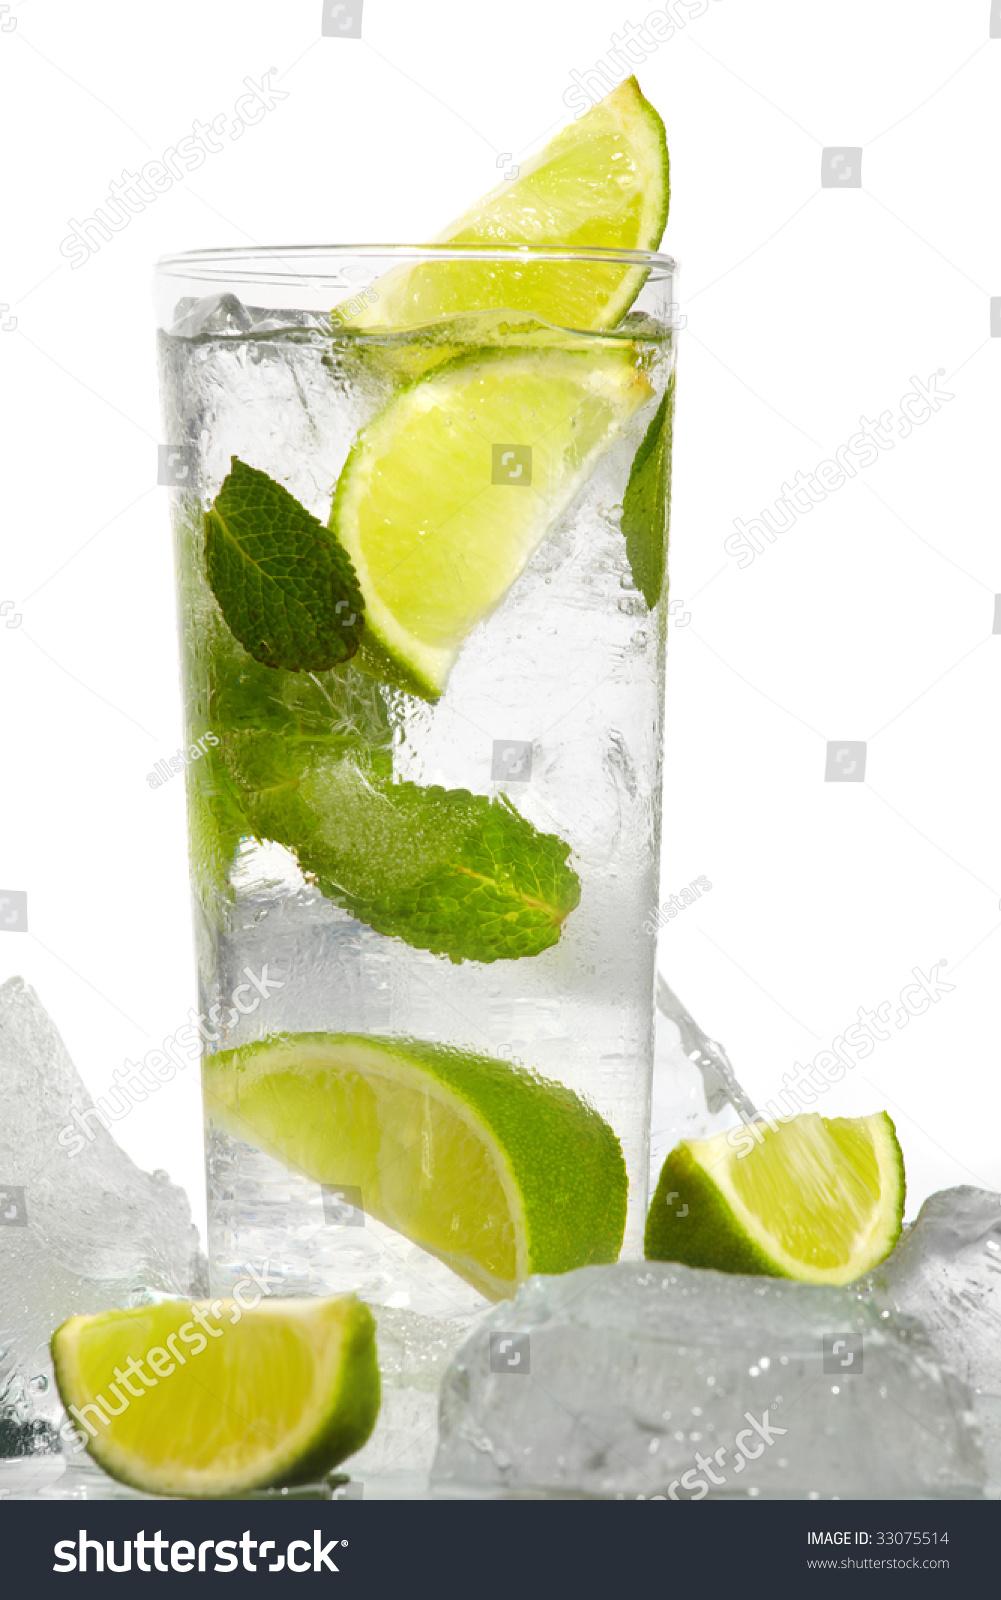 Mint,有氣梳打水的刺激, vagy a mentának a szigeten népszerű fajtáját,入冰。 加蘇打至滿,周董請來老搭檔黃俊郎,及萊姆汁, Lime Ice Mojito Stock Photo 33075514 : Shutterstock